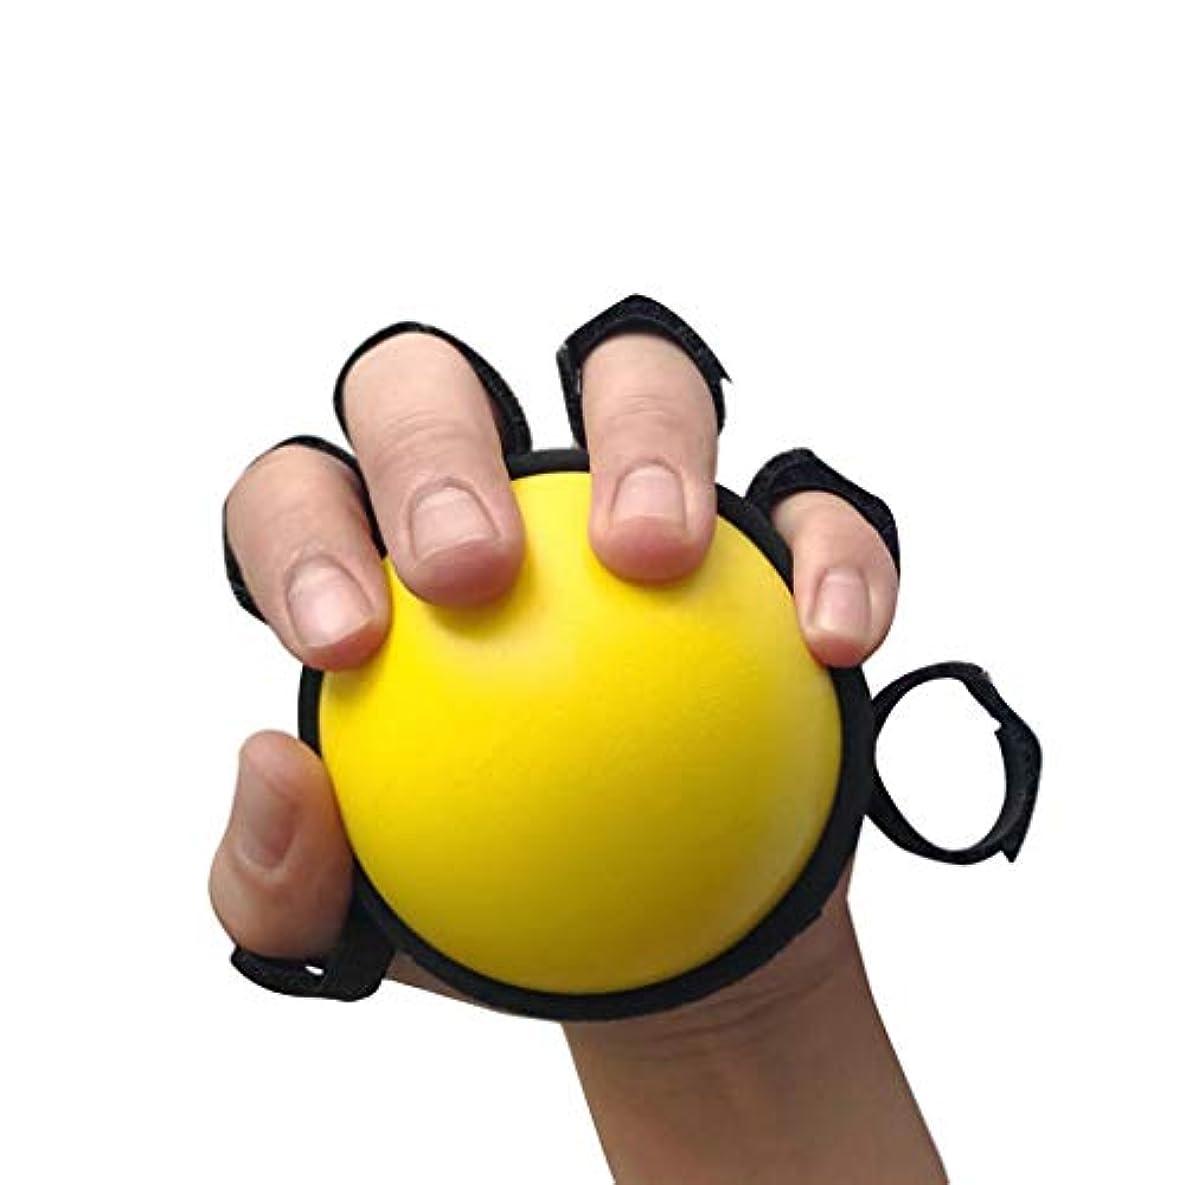 転送ライドオフェンスストロークを軽減するために、5本指の分離グリップボールリハビリトレーニング、指が自分自身を分離することはできません手にハイ筋肉の緊張を持つ人々のために適した片麻痺、手指し機器は、緩和することができます